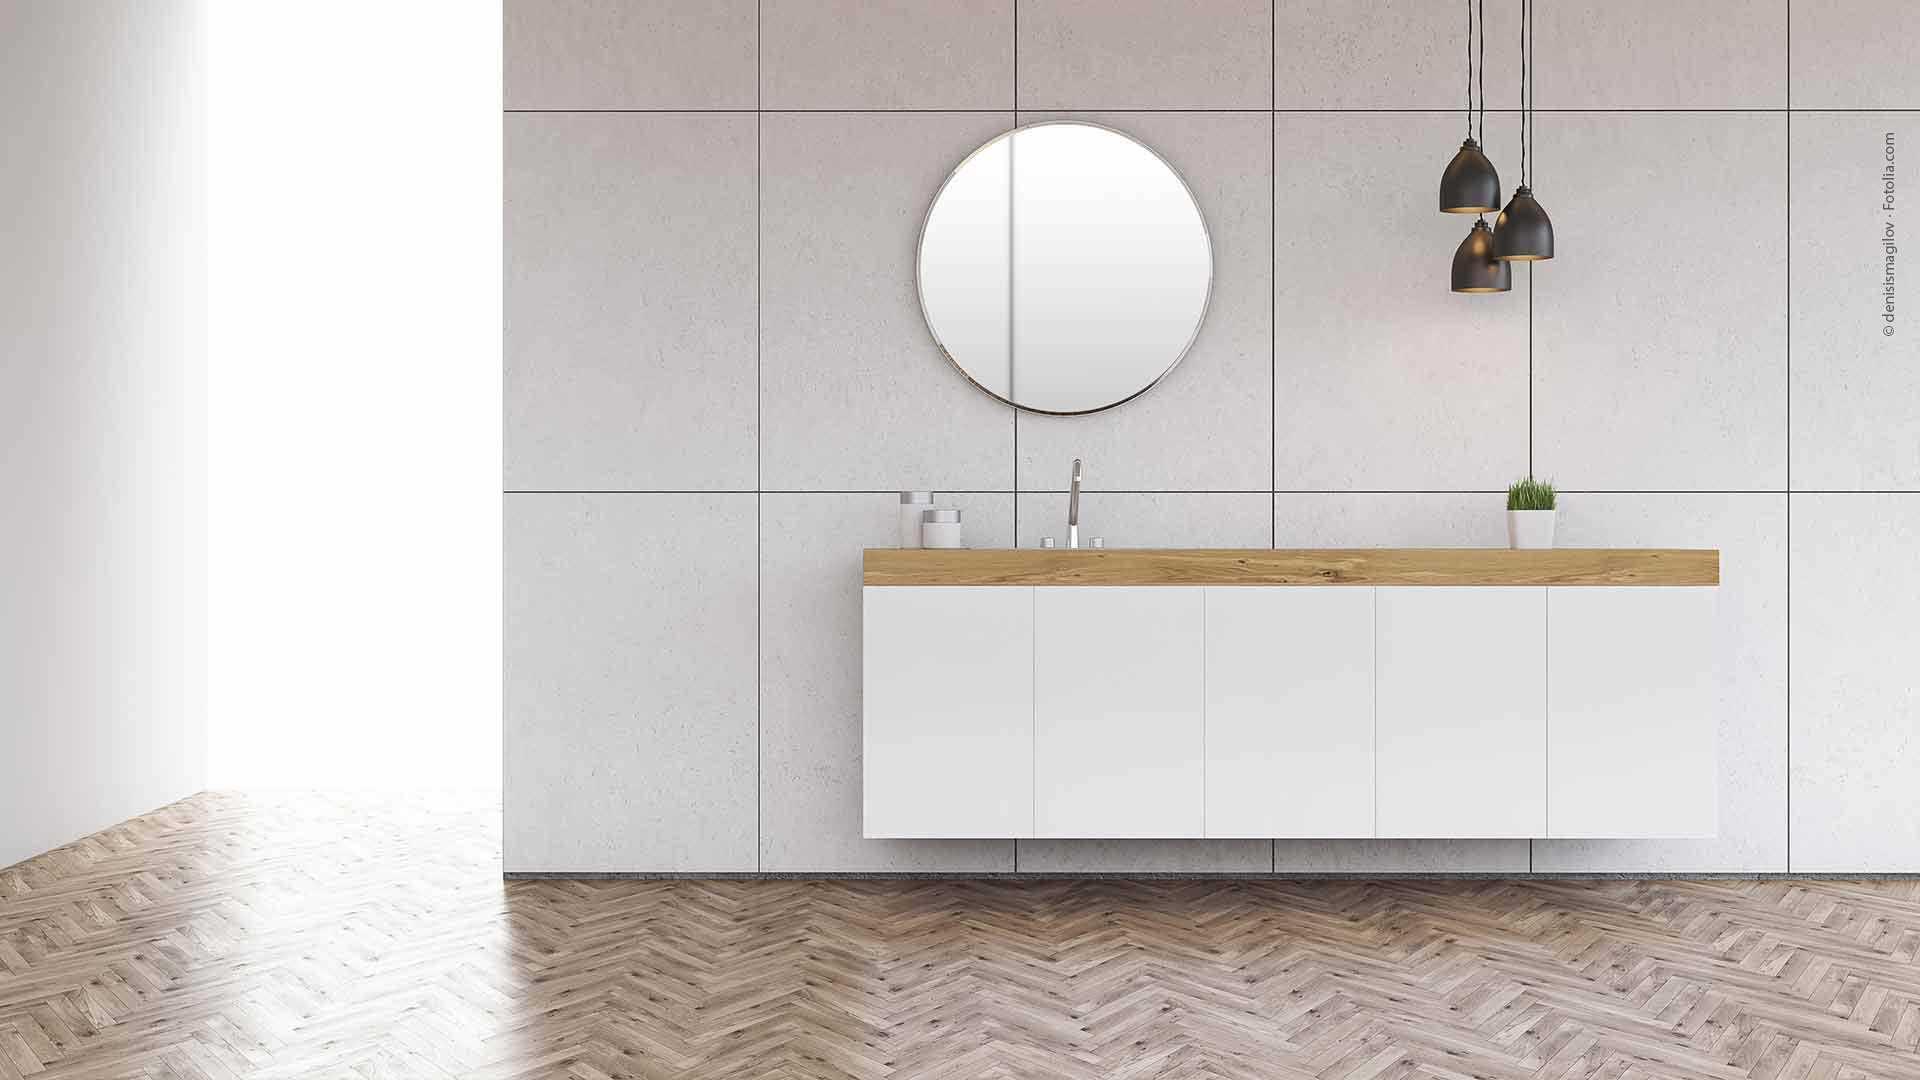 einrichtungstrends f r das badezimmer ratgeber. Black Bedroom Furniture Sets. Home Design Ideas